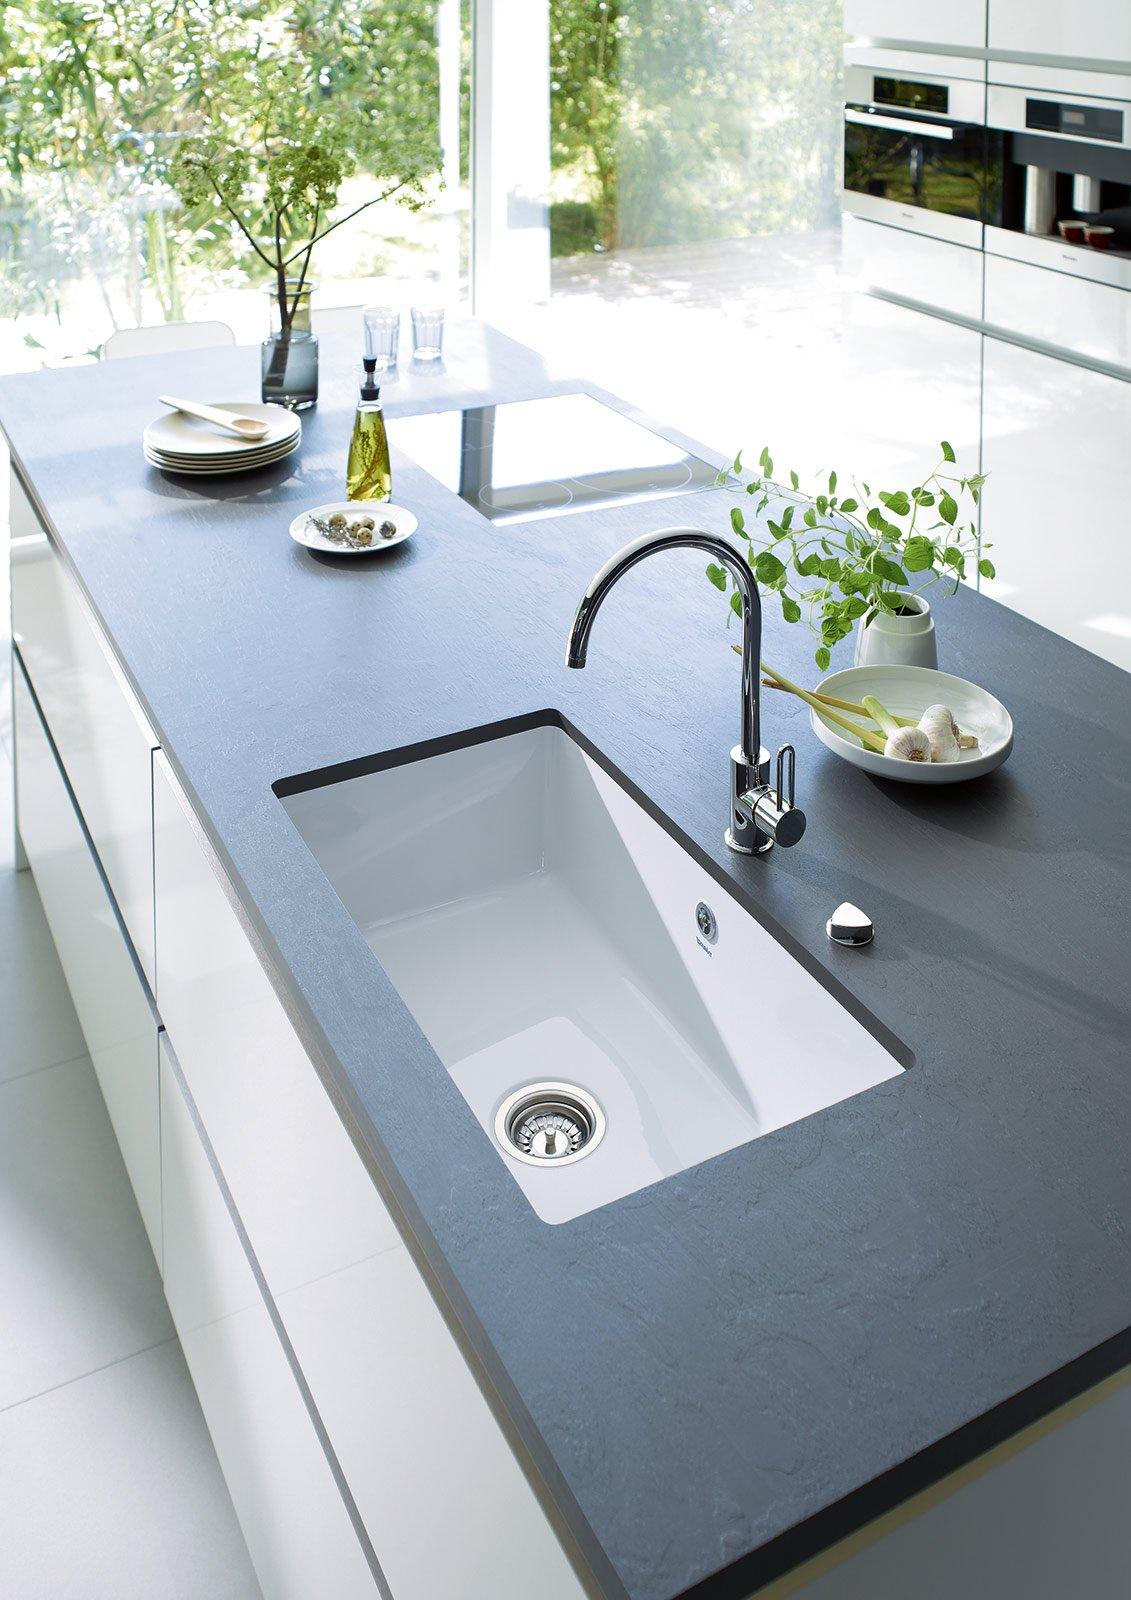 lavelli, come sceglierli - cose di casa - Dimensioni Lavelli Cucina